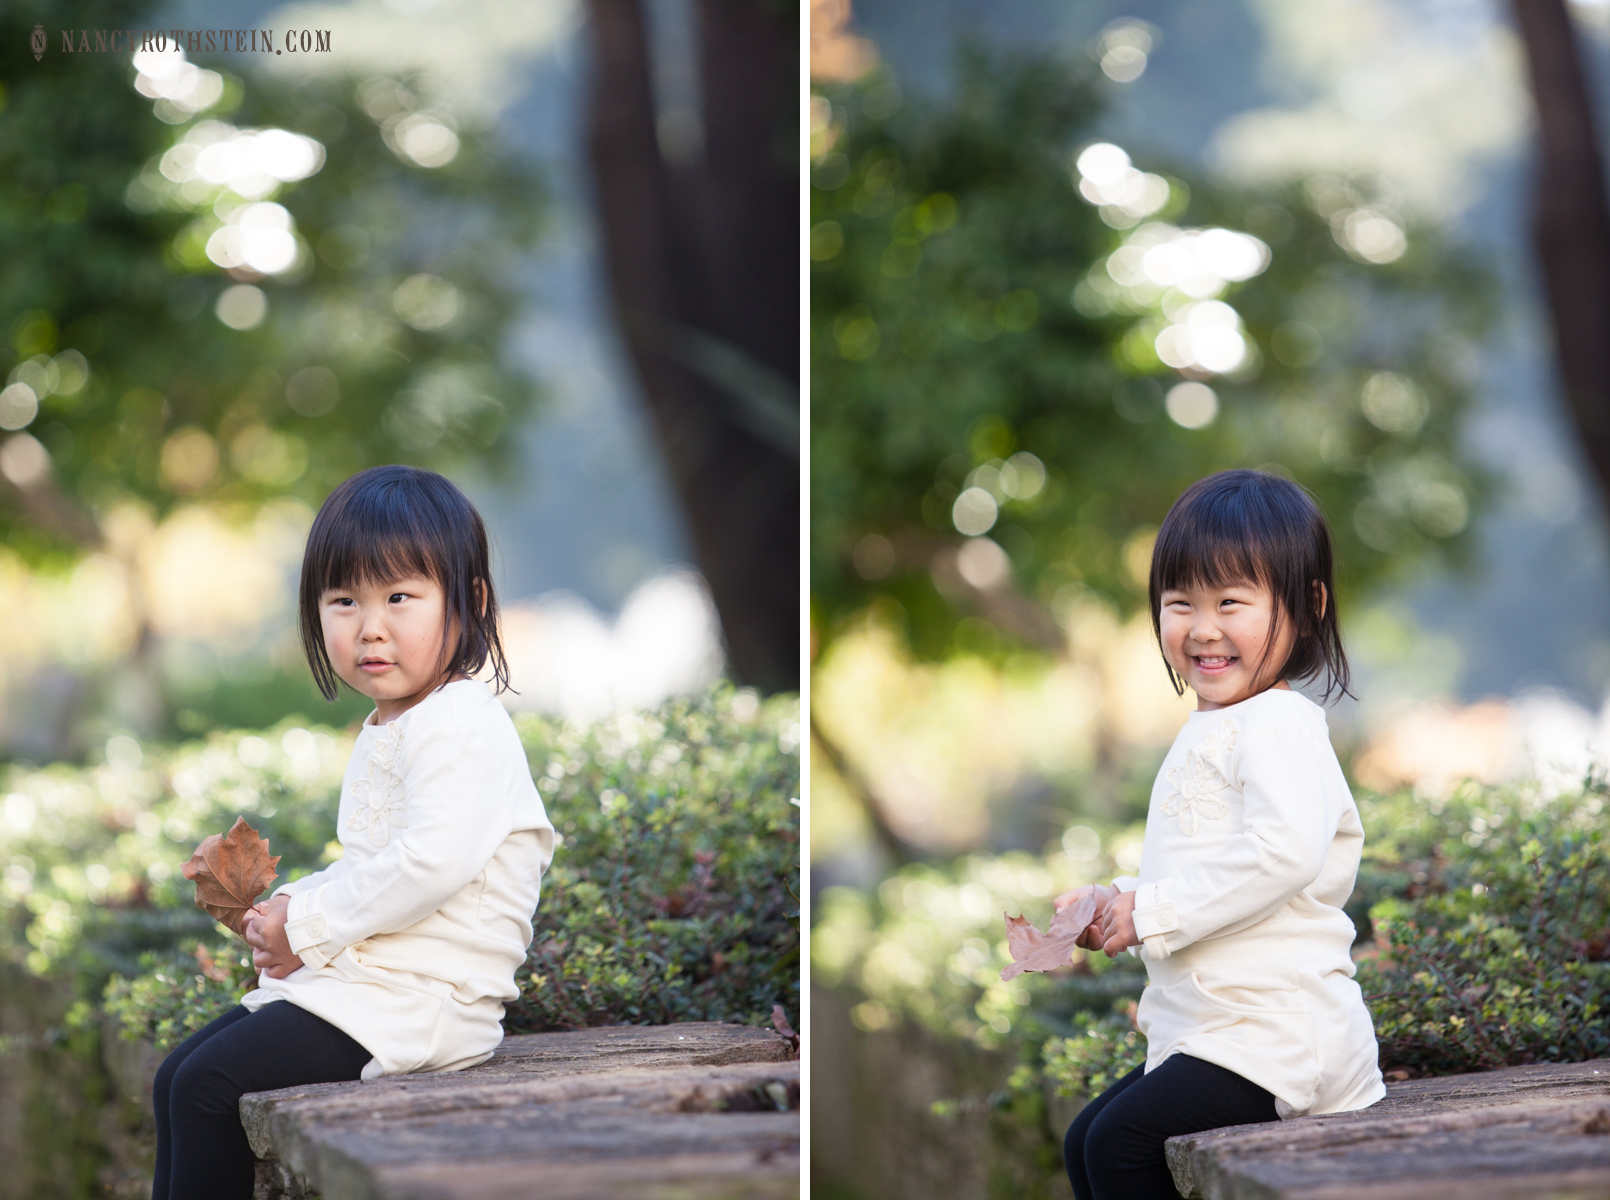 Noemi-2014-0003-0005